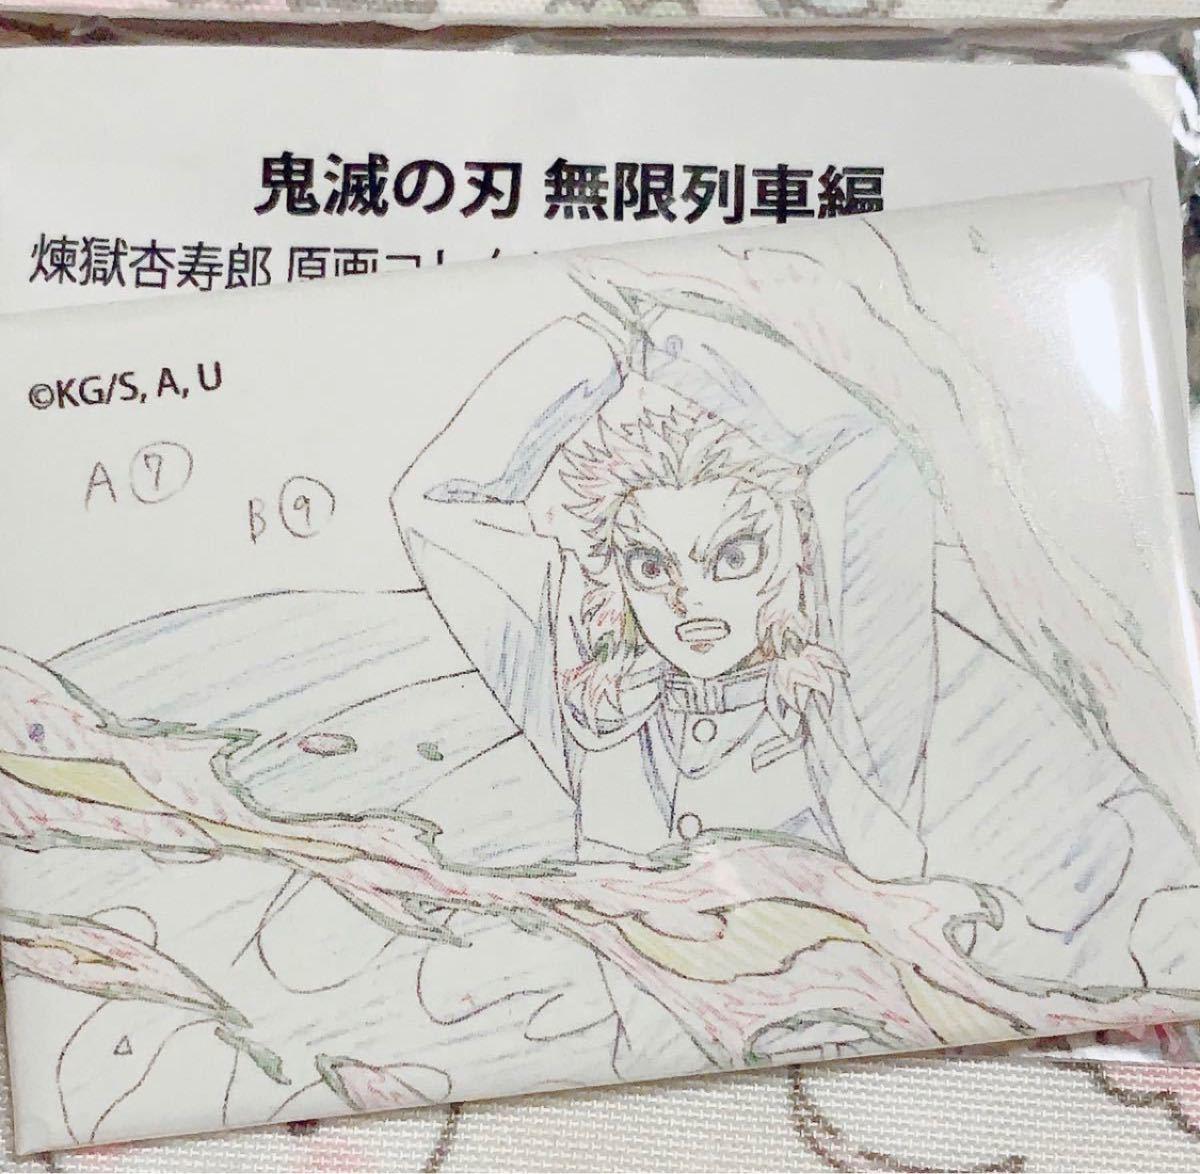 鬼滅の刃 劇場版 無限列車編 煉獄杏寿郎 原画スクエア缶バッジ B